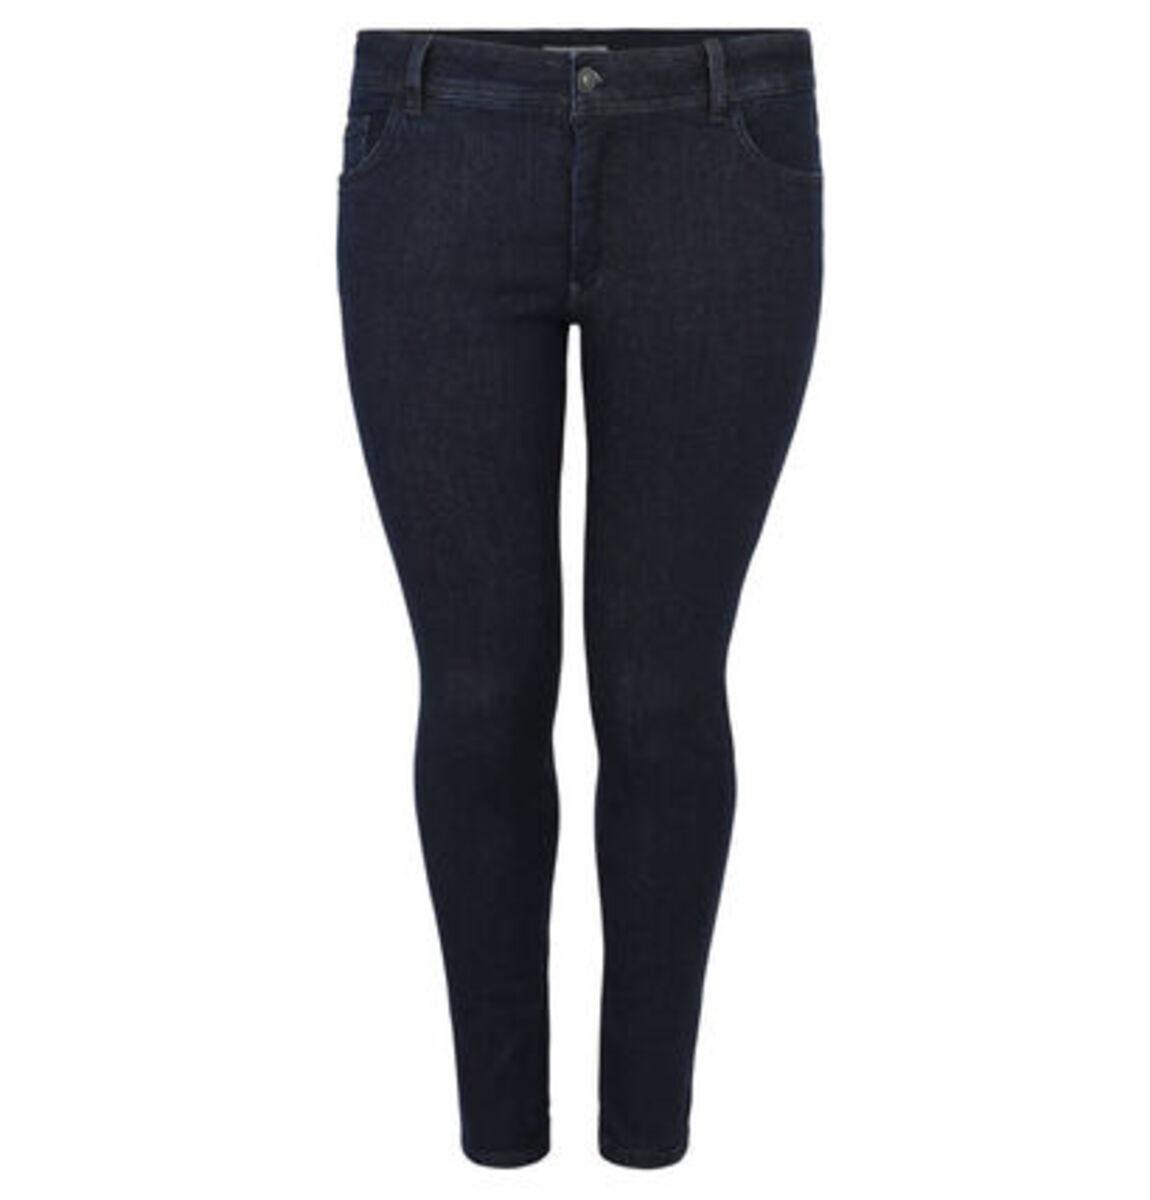 Bild 1 von My True Me Jeans, Skinny Fit, Five-Pocket-Design, große Größen, für Damen